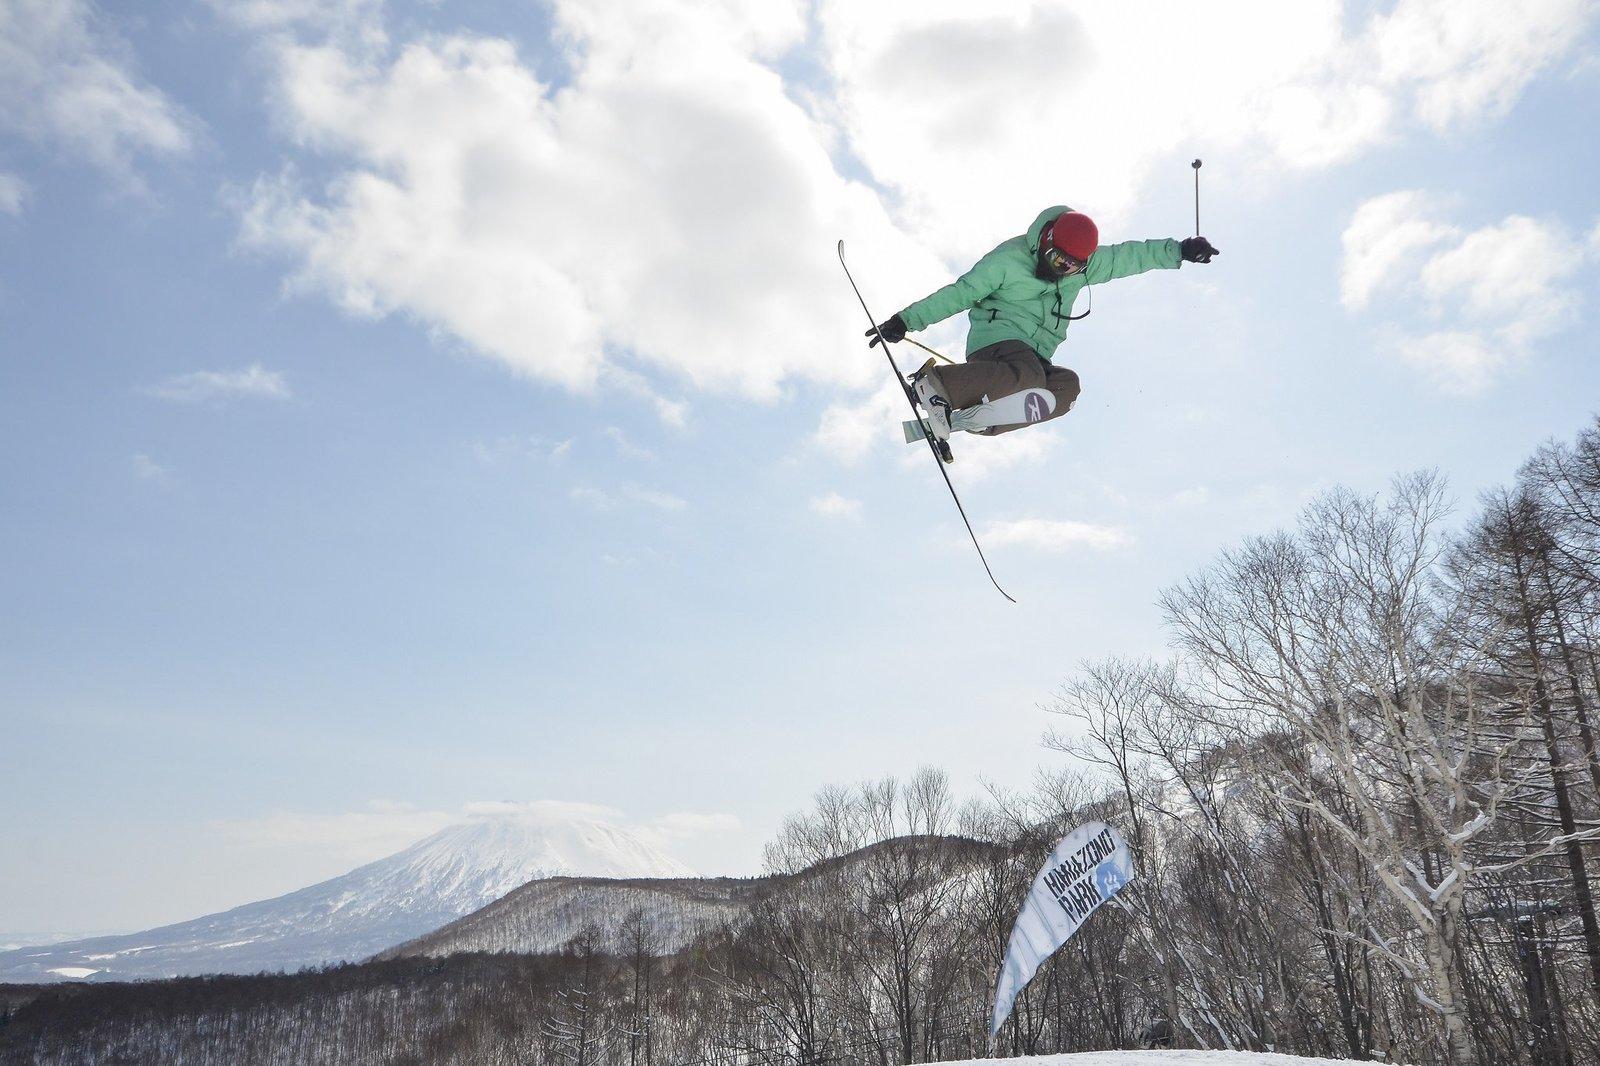 A skier jumping in Niseko Hanazono Terrain Park